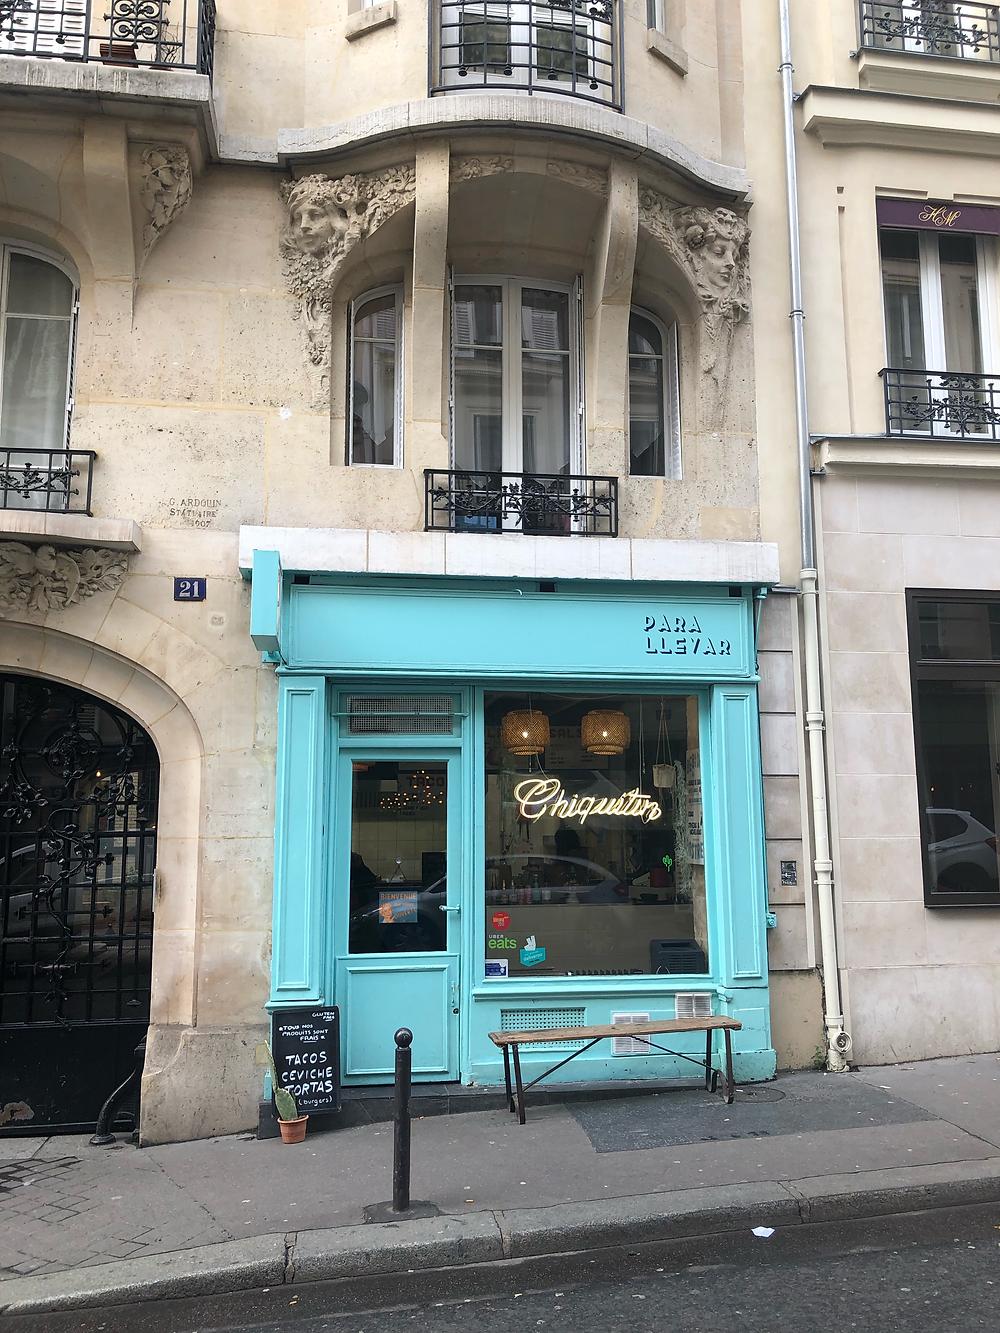 ピガール地区  こんな鮮やかなお店のフェイス。いい。ちなみにケバブ、タコス屋さんです